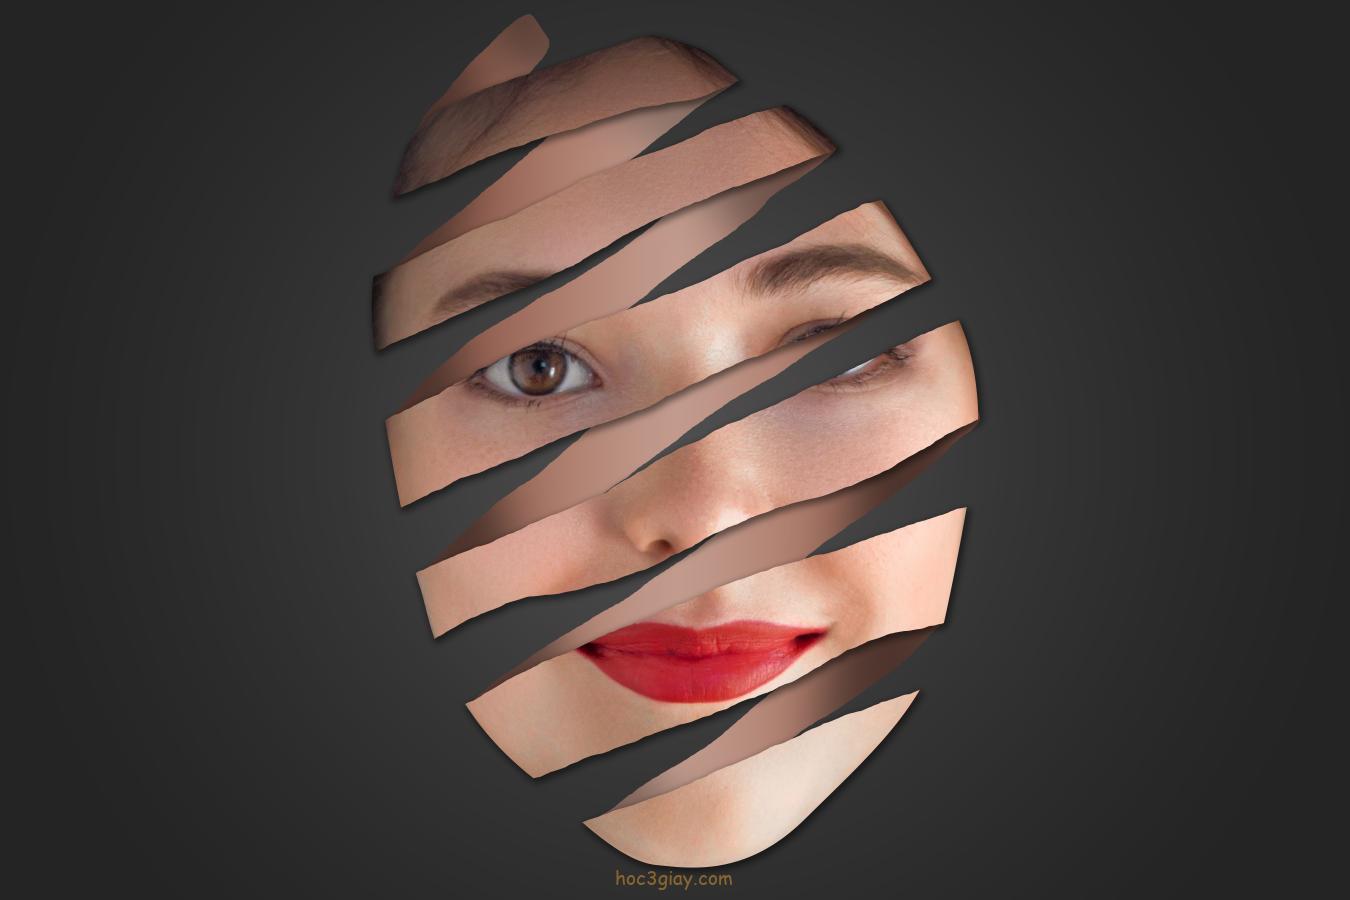 Hiệu ứng bóc mặt siêu đẹp | Hướng dẫn Photoshop